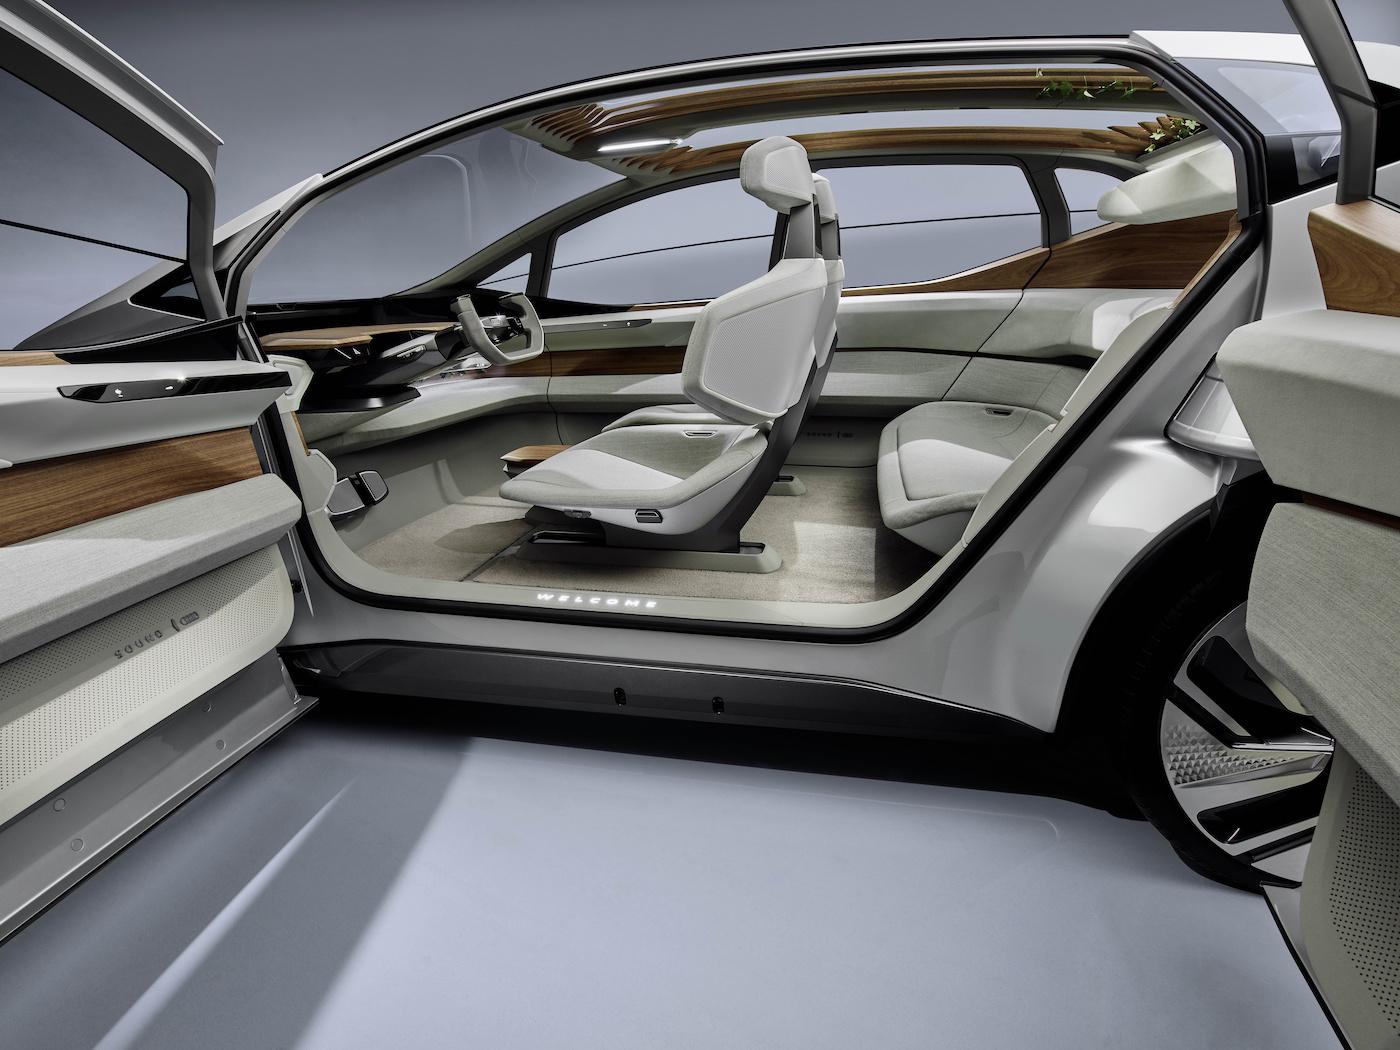 Der kompakte Audi der Zukunft: Das ist der Audi AI:ME 21